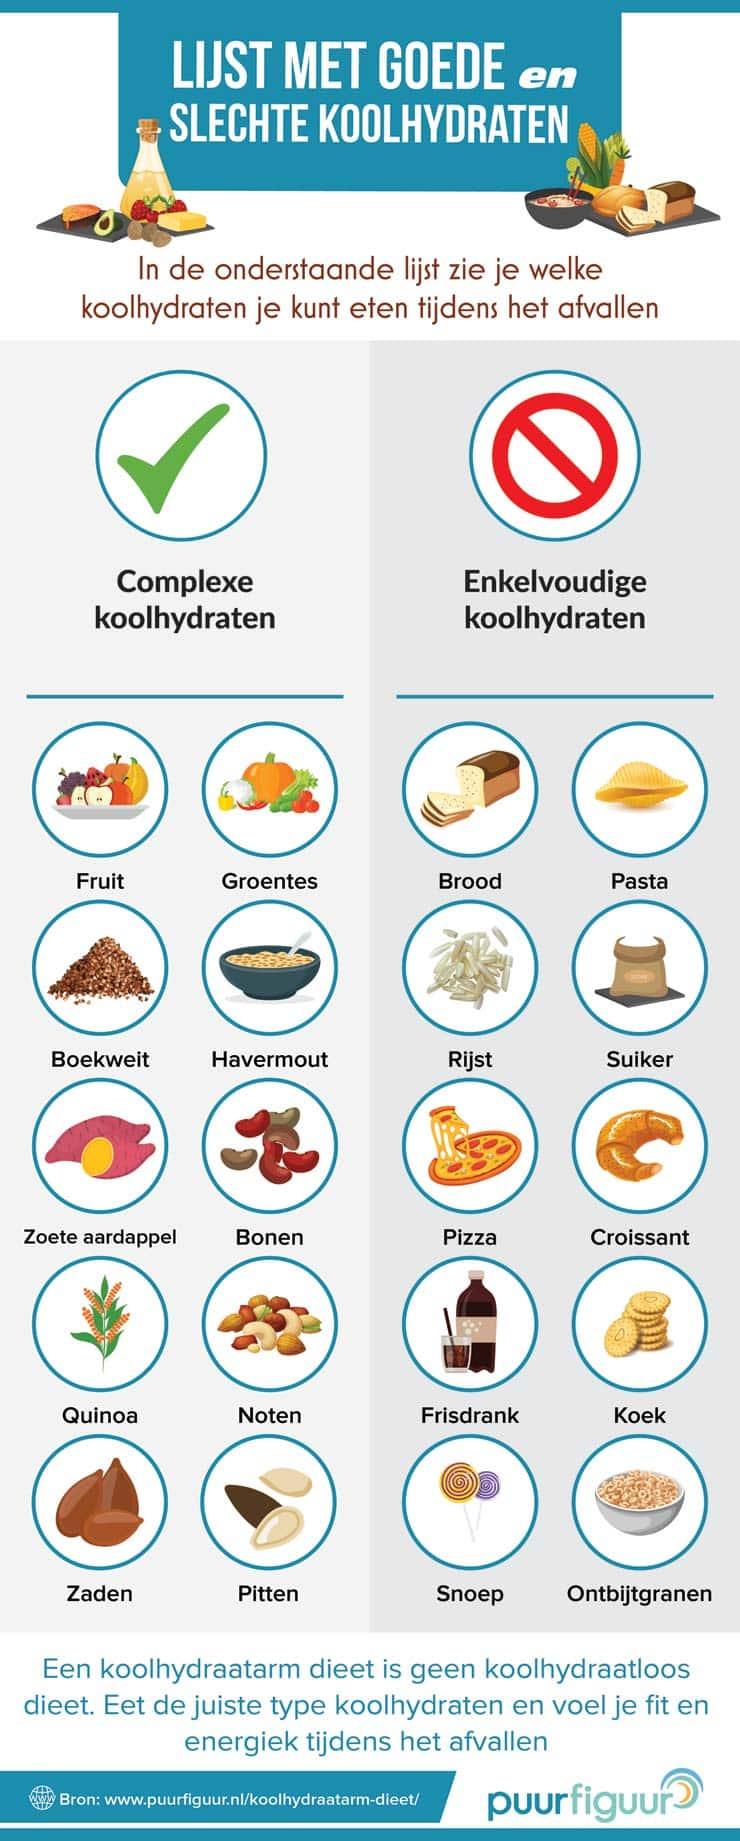 suiker en koolhydraatarm dieet